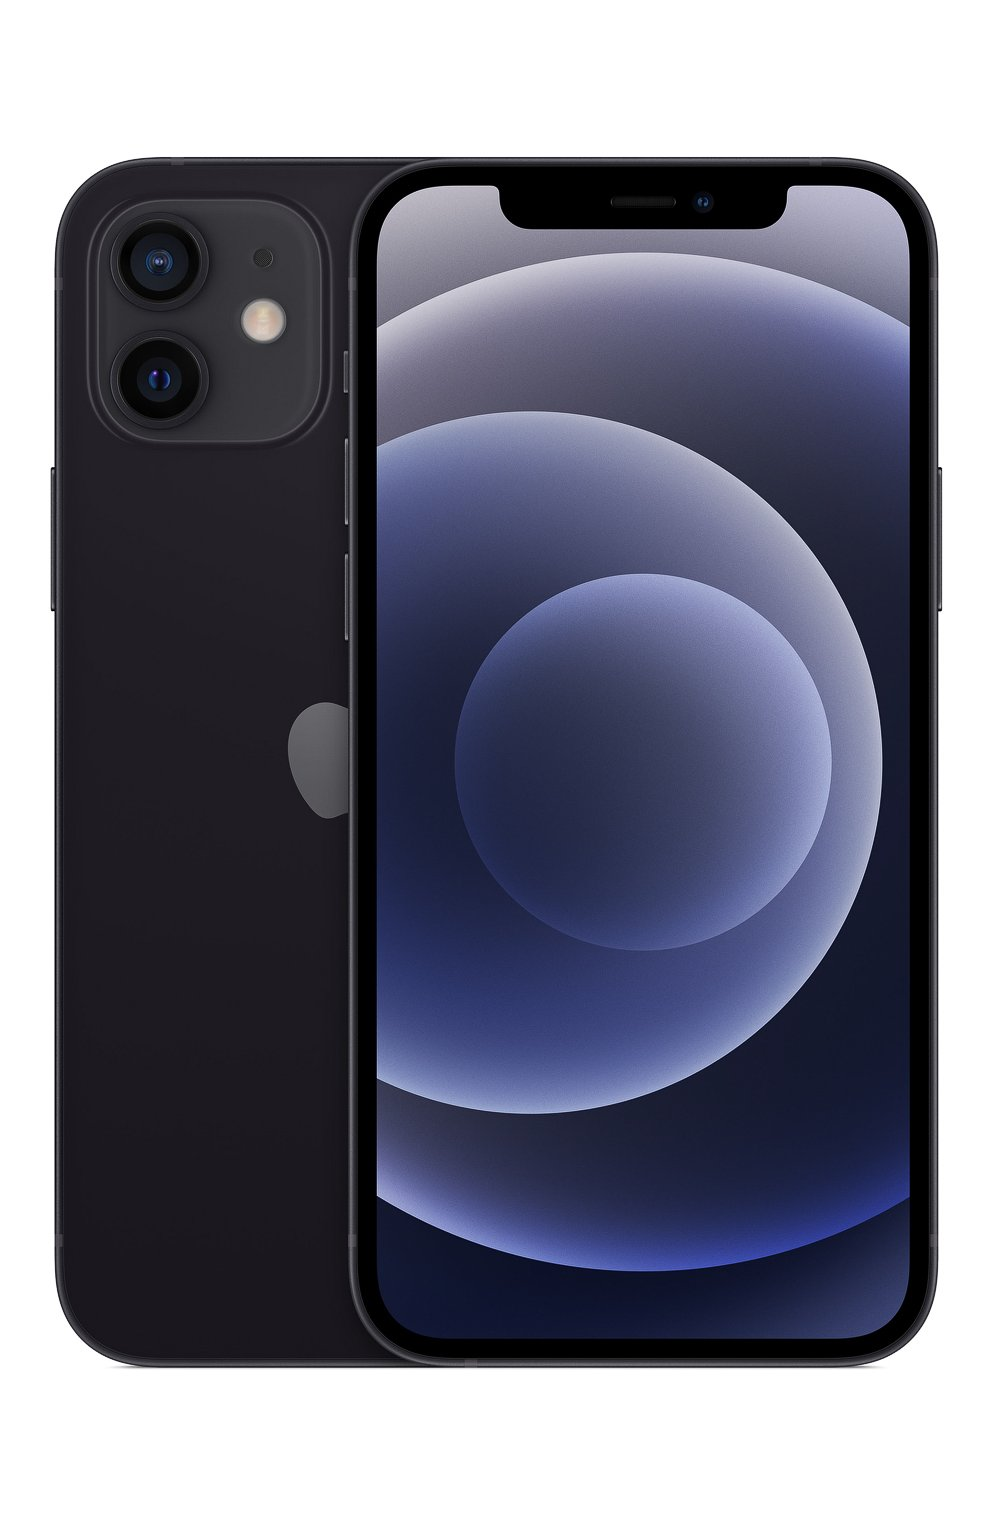 Мужские iphone 12 128gb black APPLE  black цвета, арт. MGJA3RU/A   Фото 1